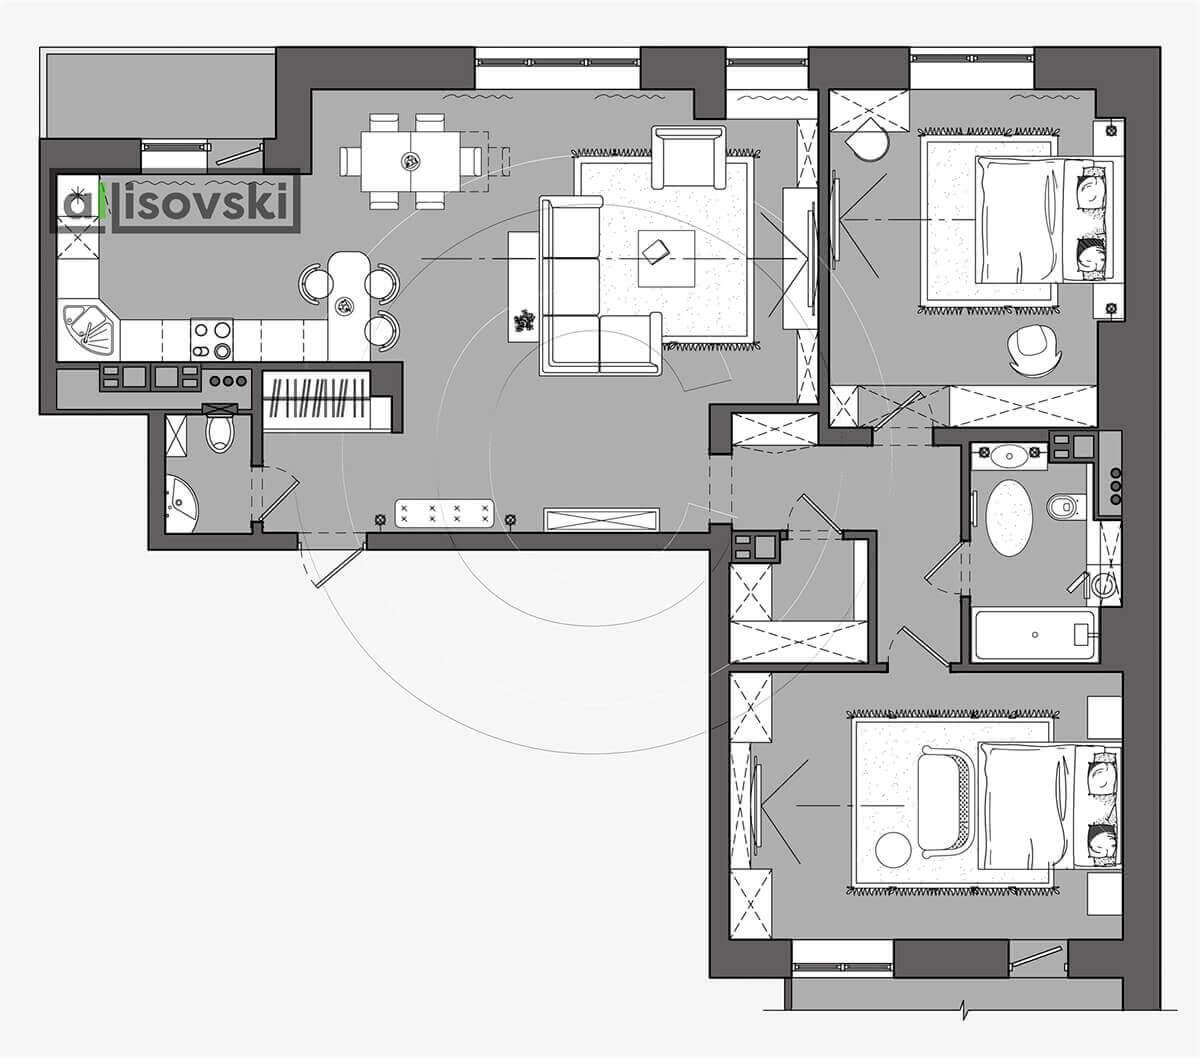 План перепланировка квартиры расположение мебели планировка чертежи 2